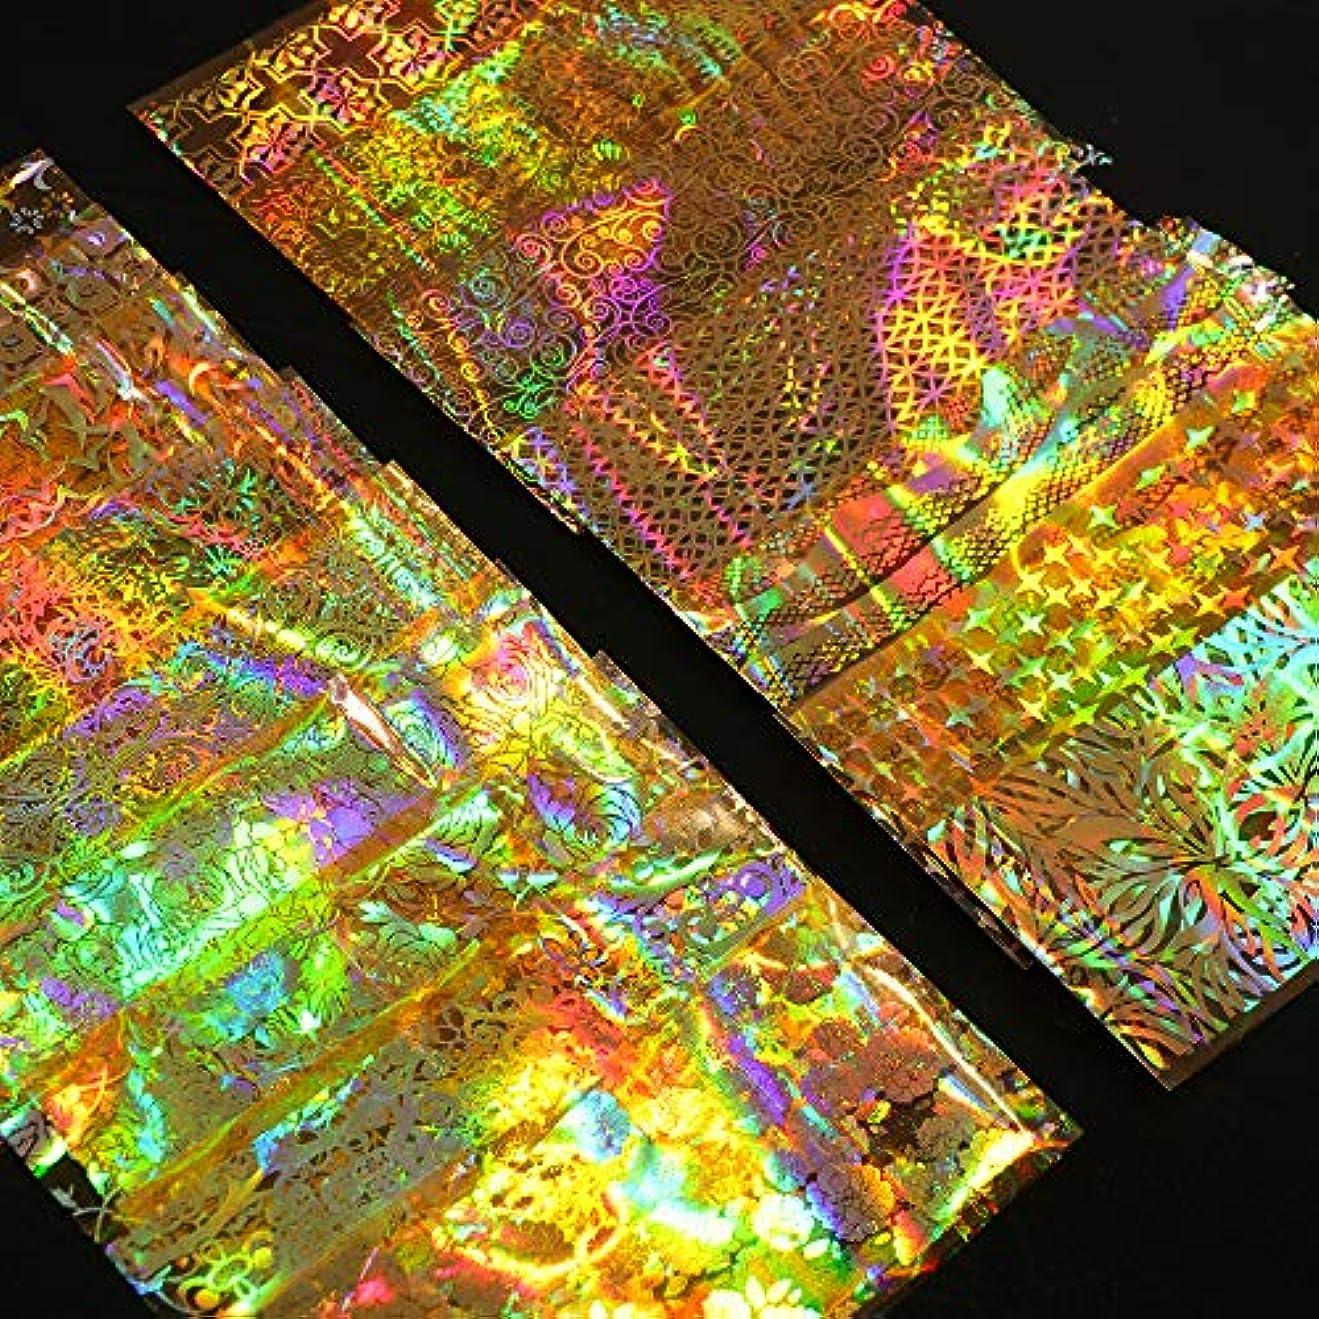 呼び起こすミル通訳SUKTI&XIAO ネイルステッカー 16ピースホログラフィックフォイルネイルスライダーアートステッカーゴールドフラワー星空デカールdiyラップマニキュアネイルデコレーション接着剤